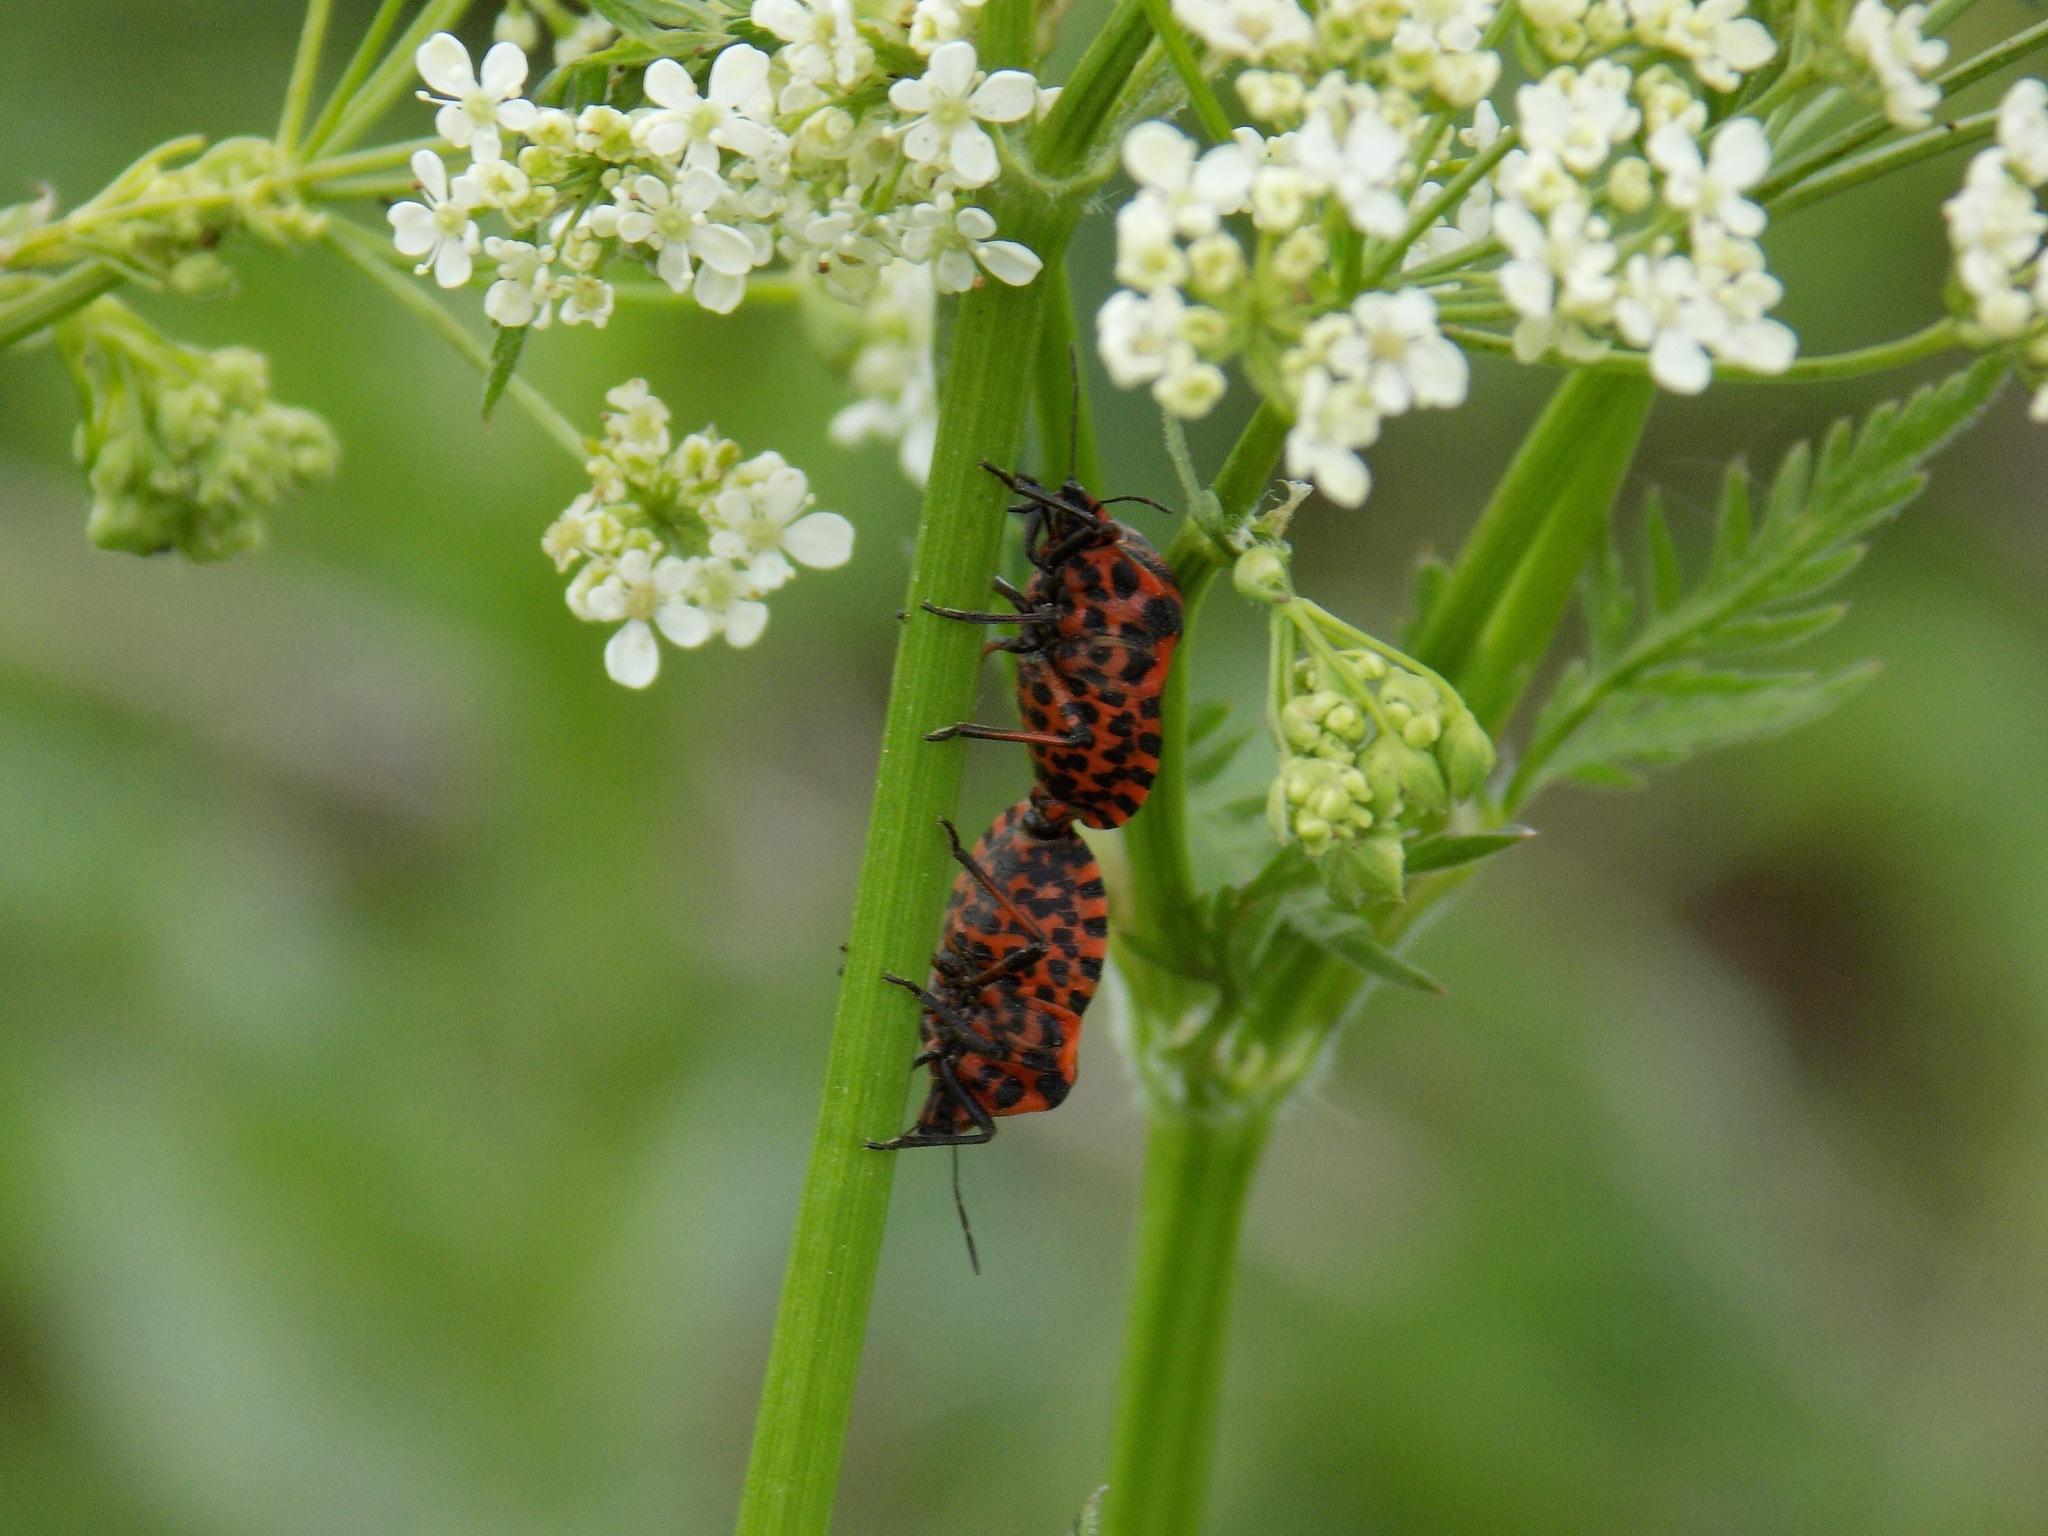 Beetles. by uzkuraitiene62